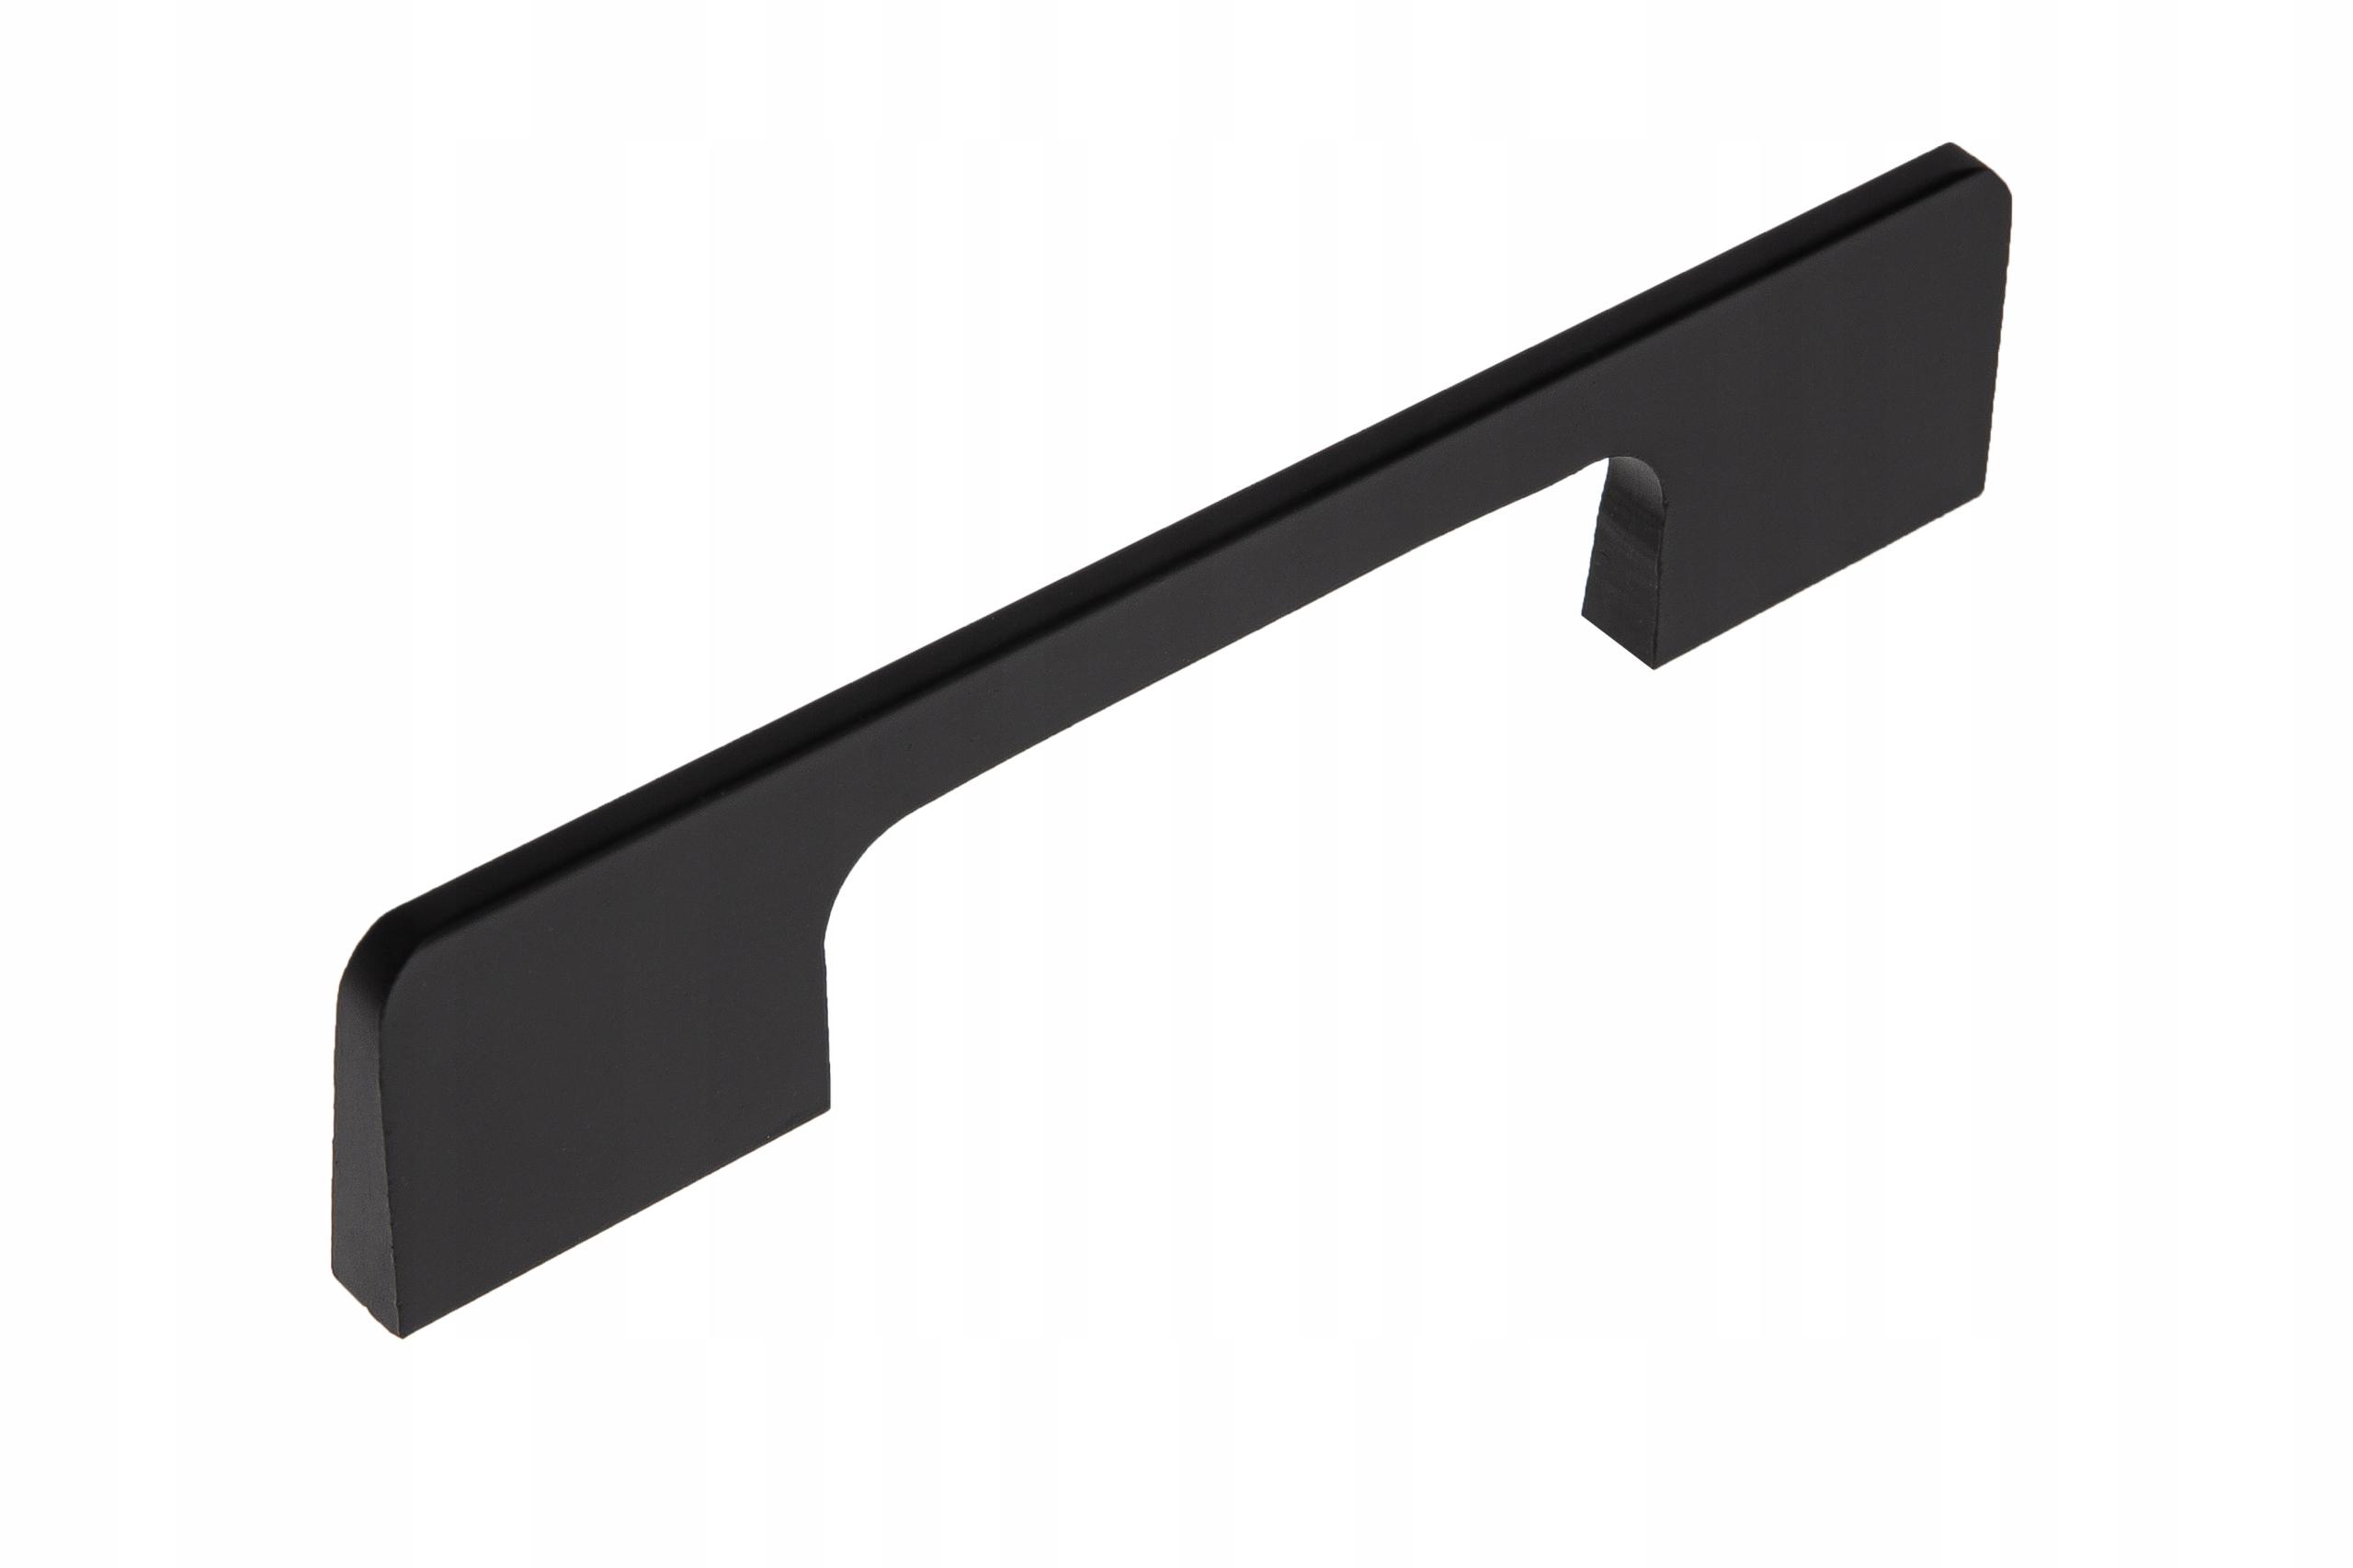 Ручка мебельная BELICE черная матовая 128 мм